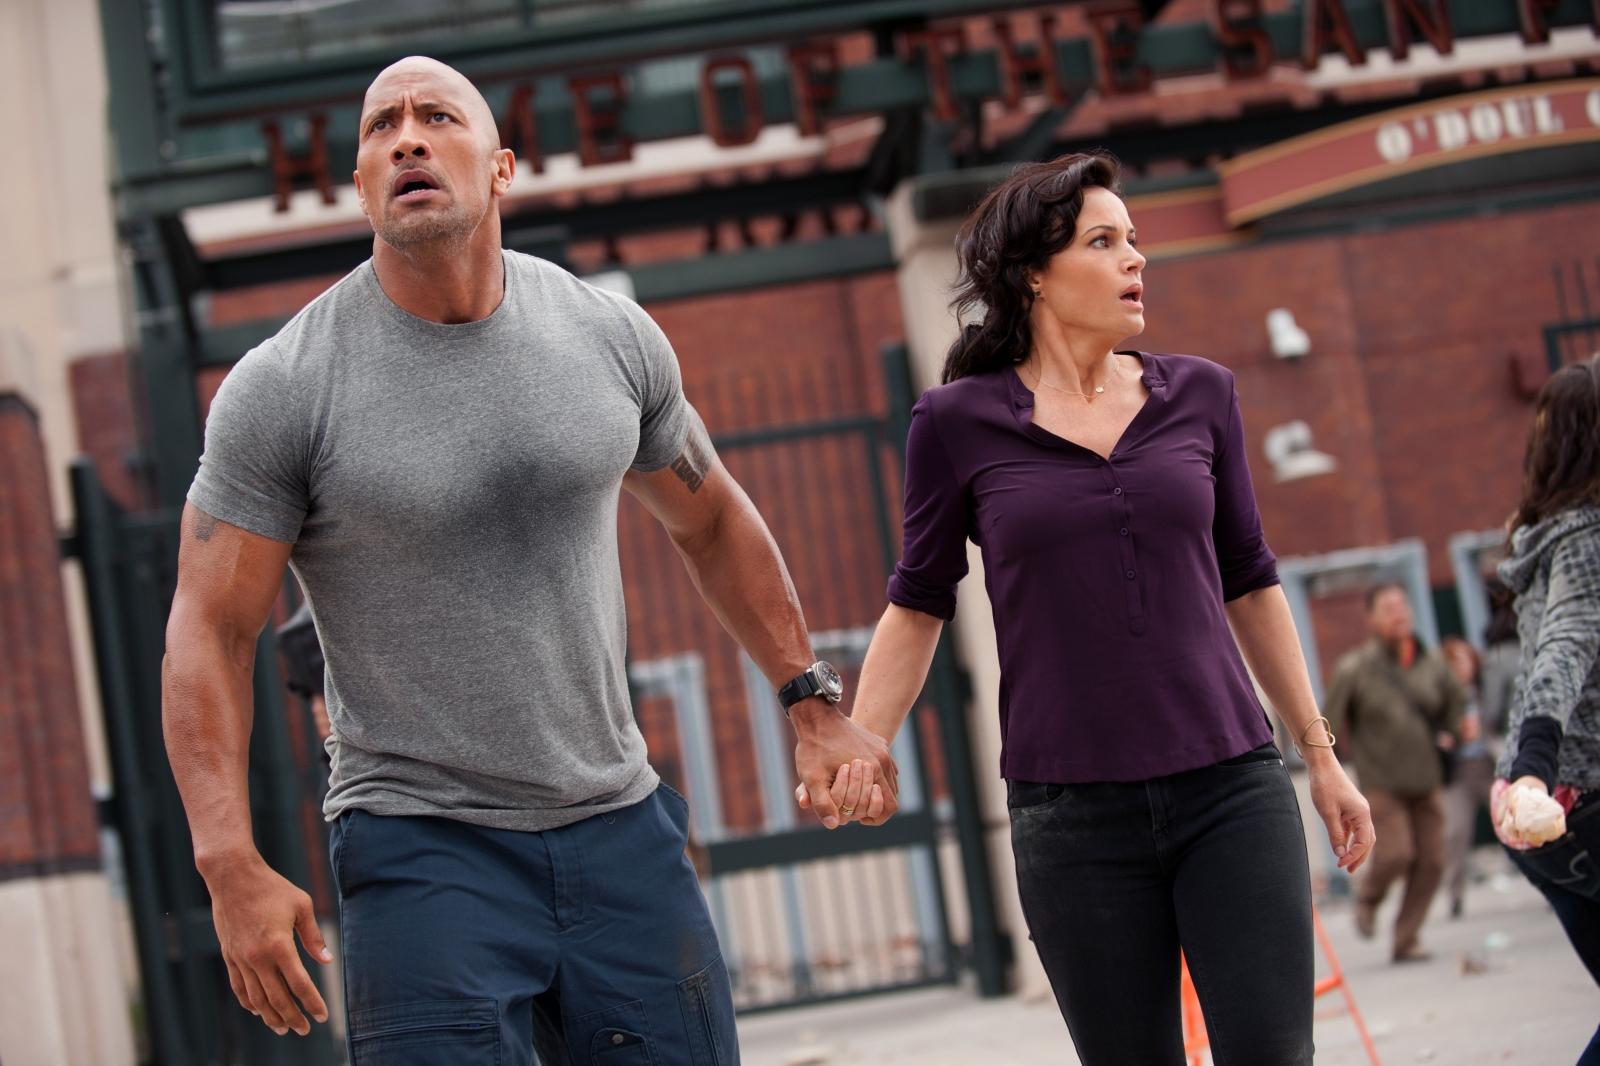 Dwayne Johnson/Carla Gugino in San Andreas